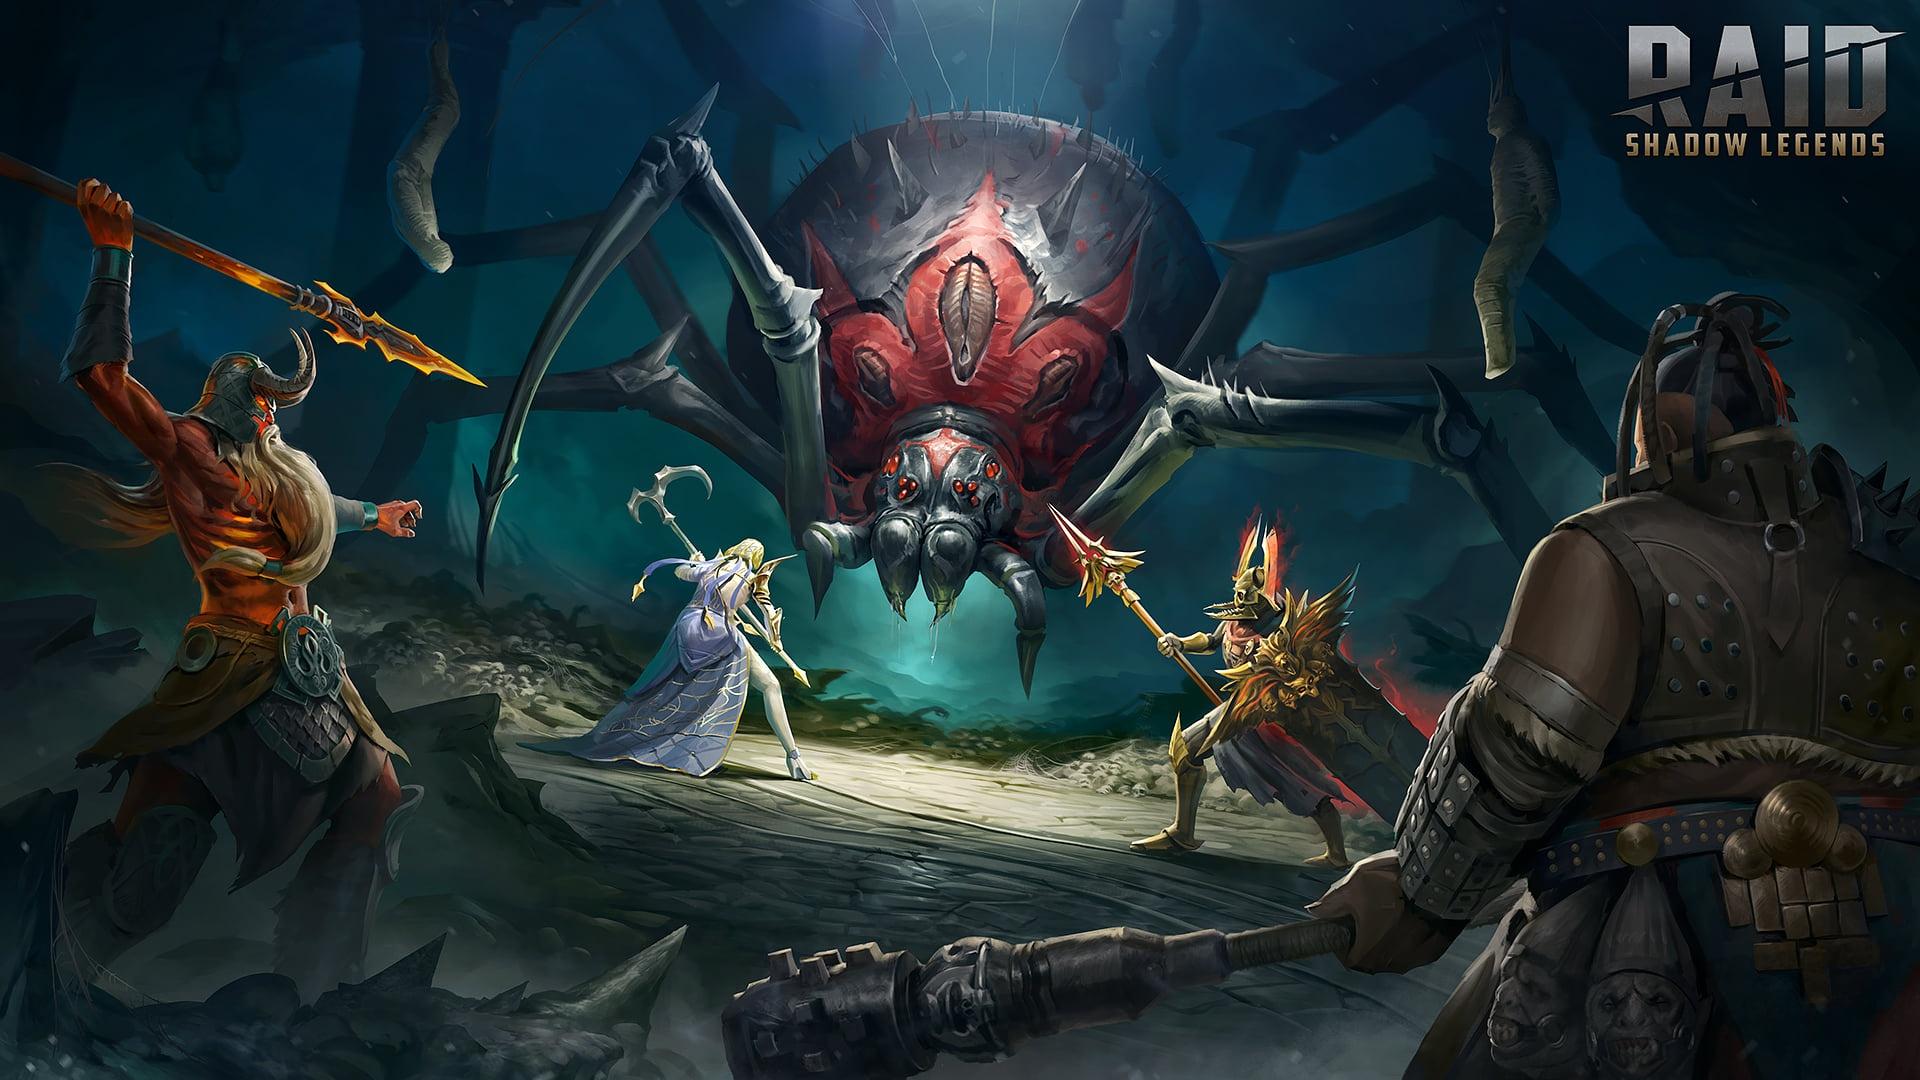 Raid Shadow Legends free image